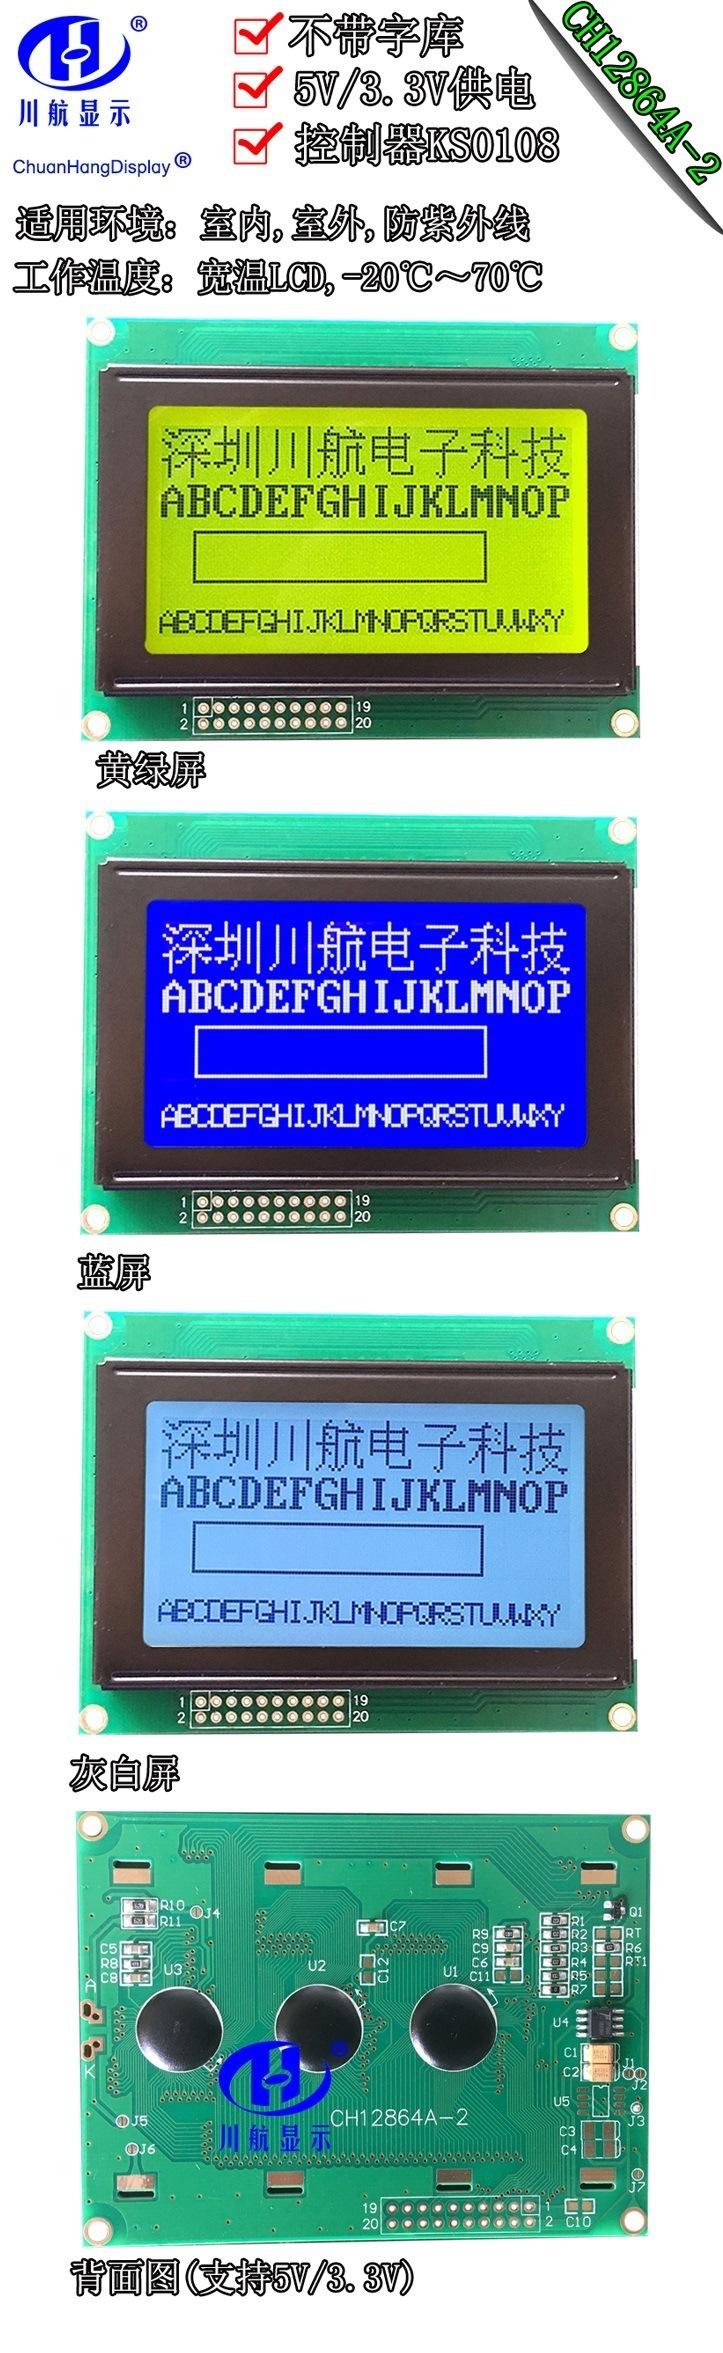 CH12864A-2-PCB-描述